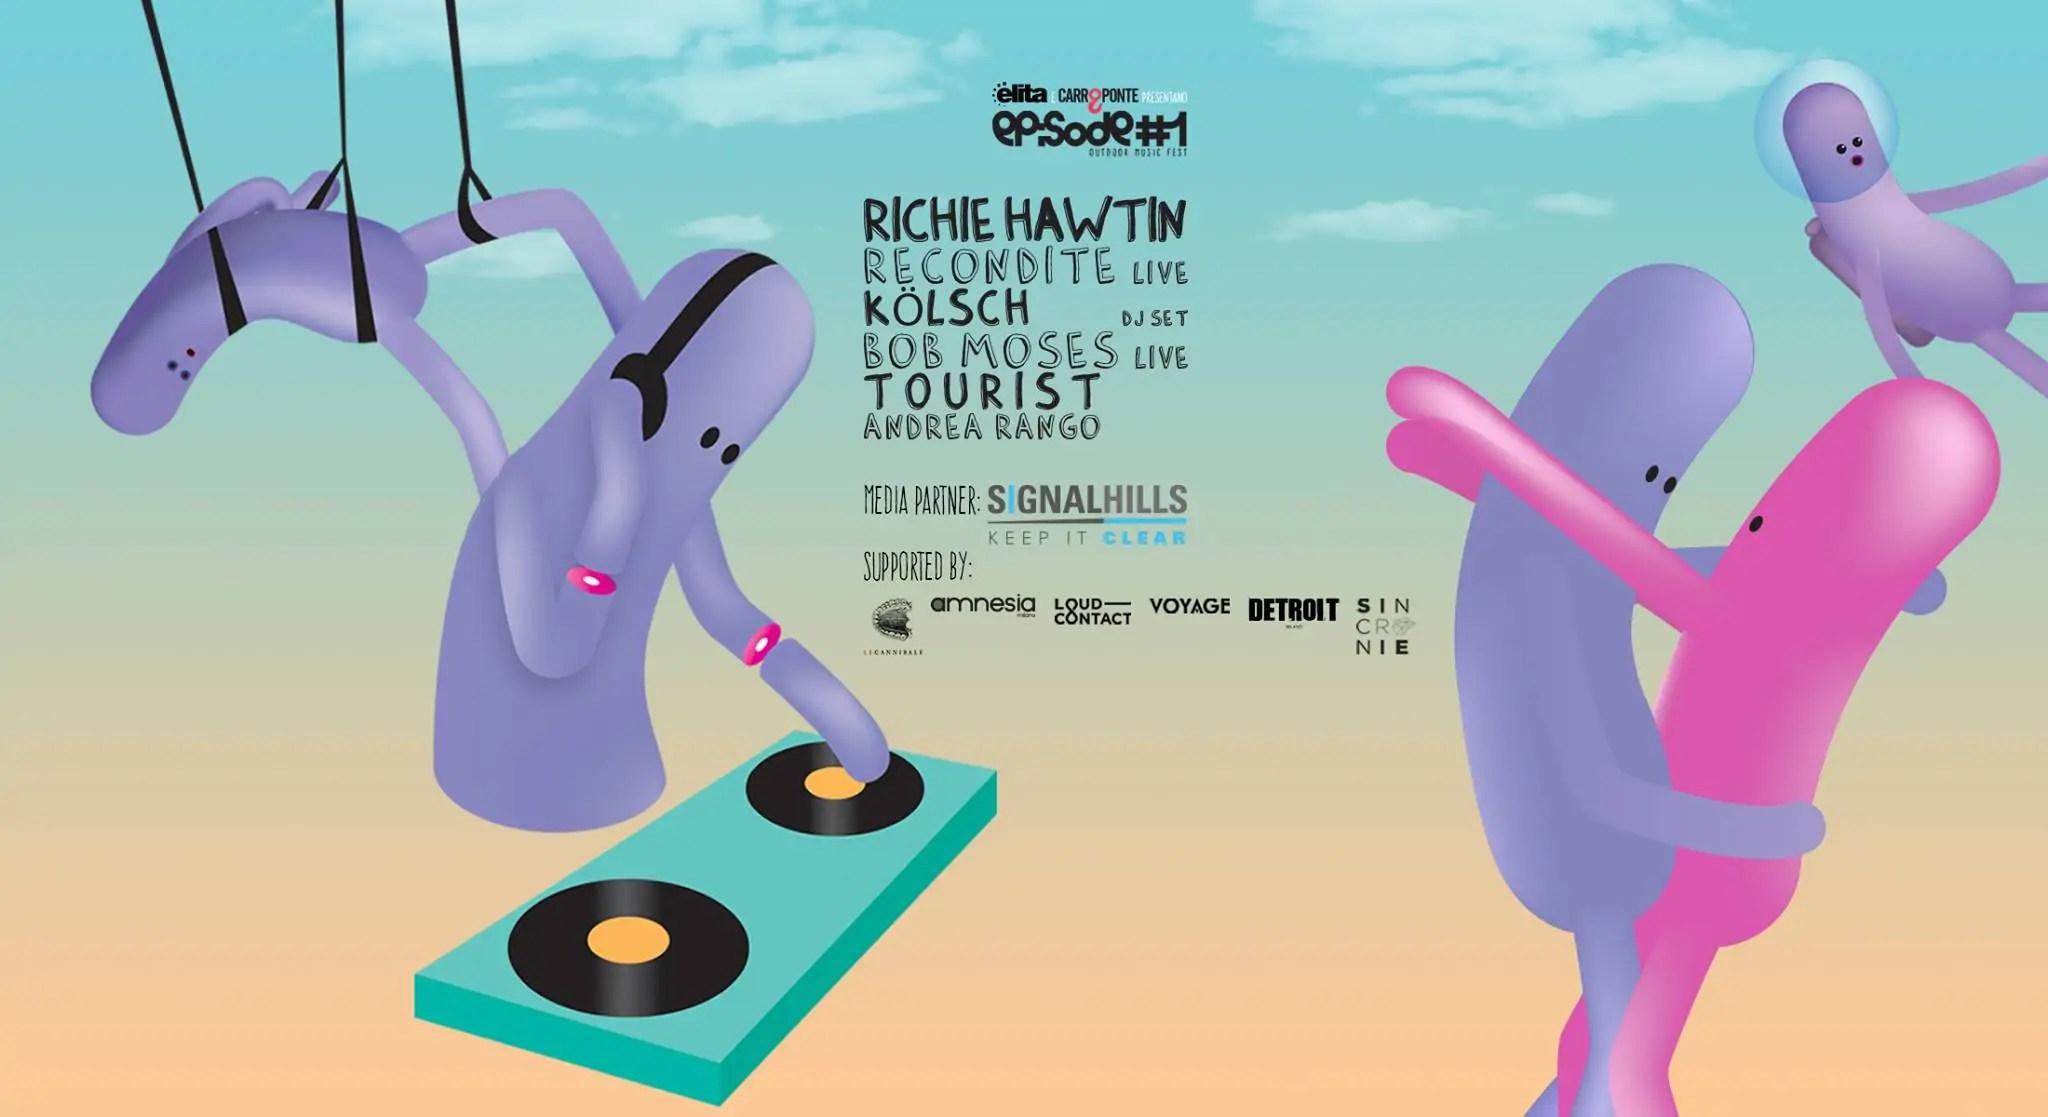 Richie Hawtin Elita Festival Milano 2016